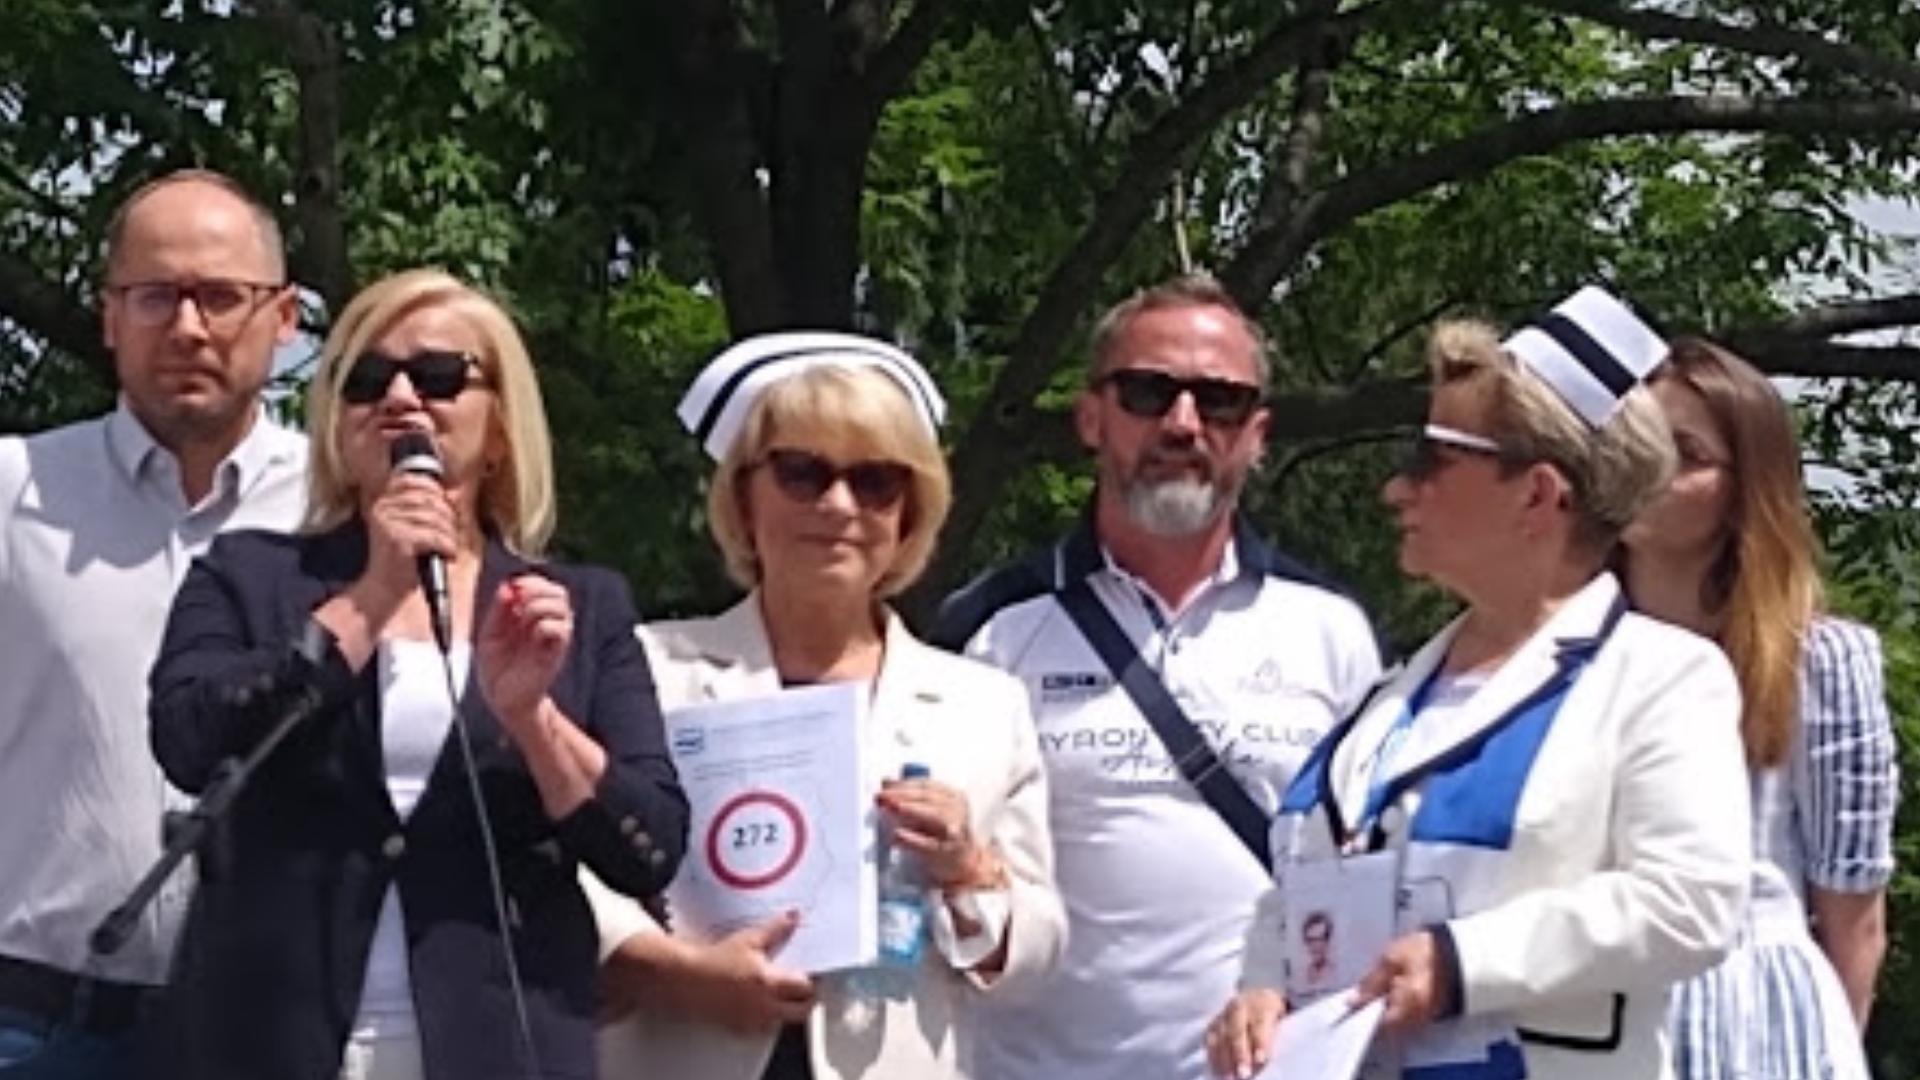 Dziś przed Sejmem odbyła się manifestacja, którą zorganizowały pielęgniarki i położne w nadziei, że posłowie przyjmą  senackie poprawki do ustawy o najniższym wynagrodzeniu w systemie ochrony zdrowia.  Mimo to Sejm odrzucił poprawkę 9 głosami.